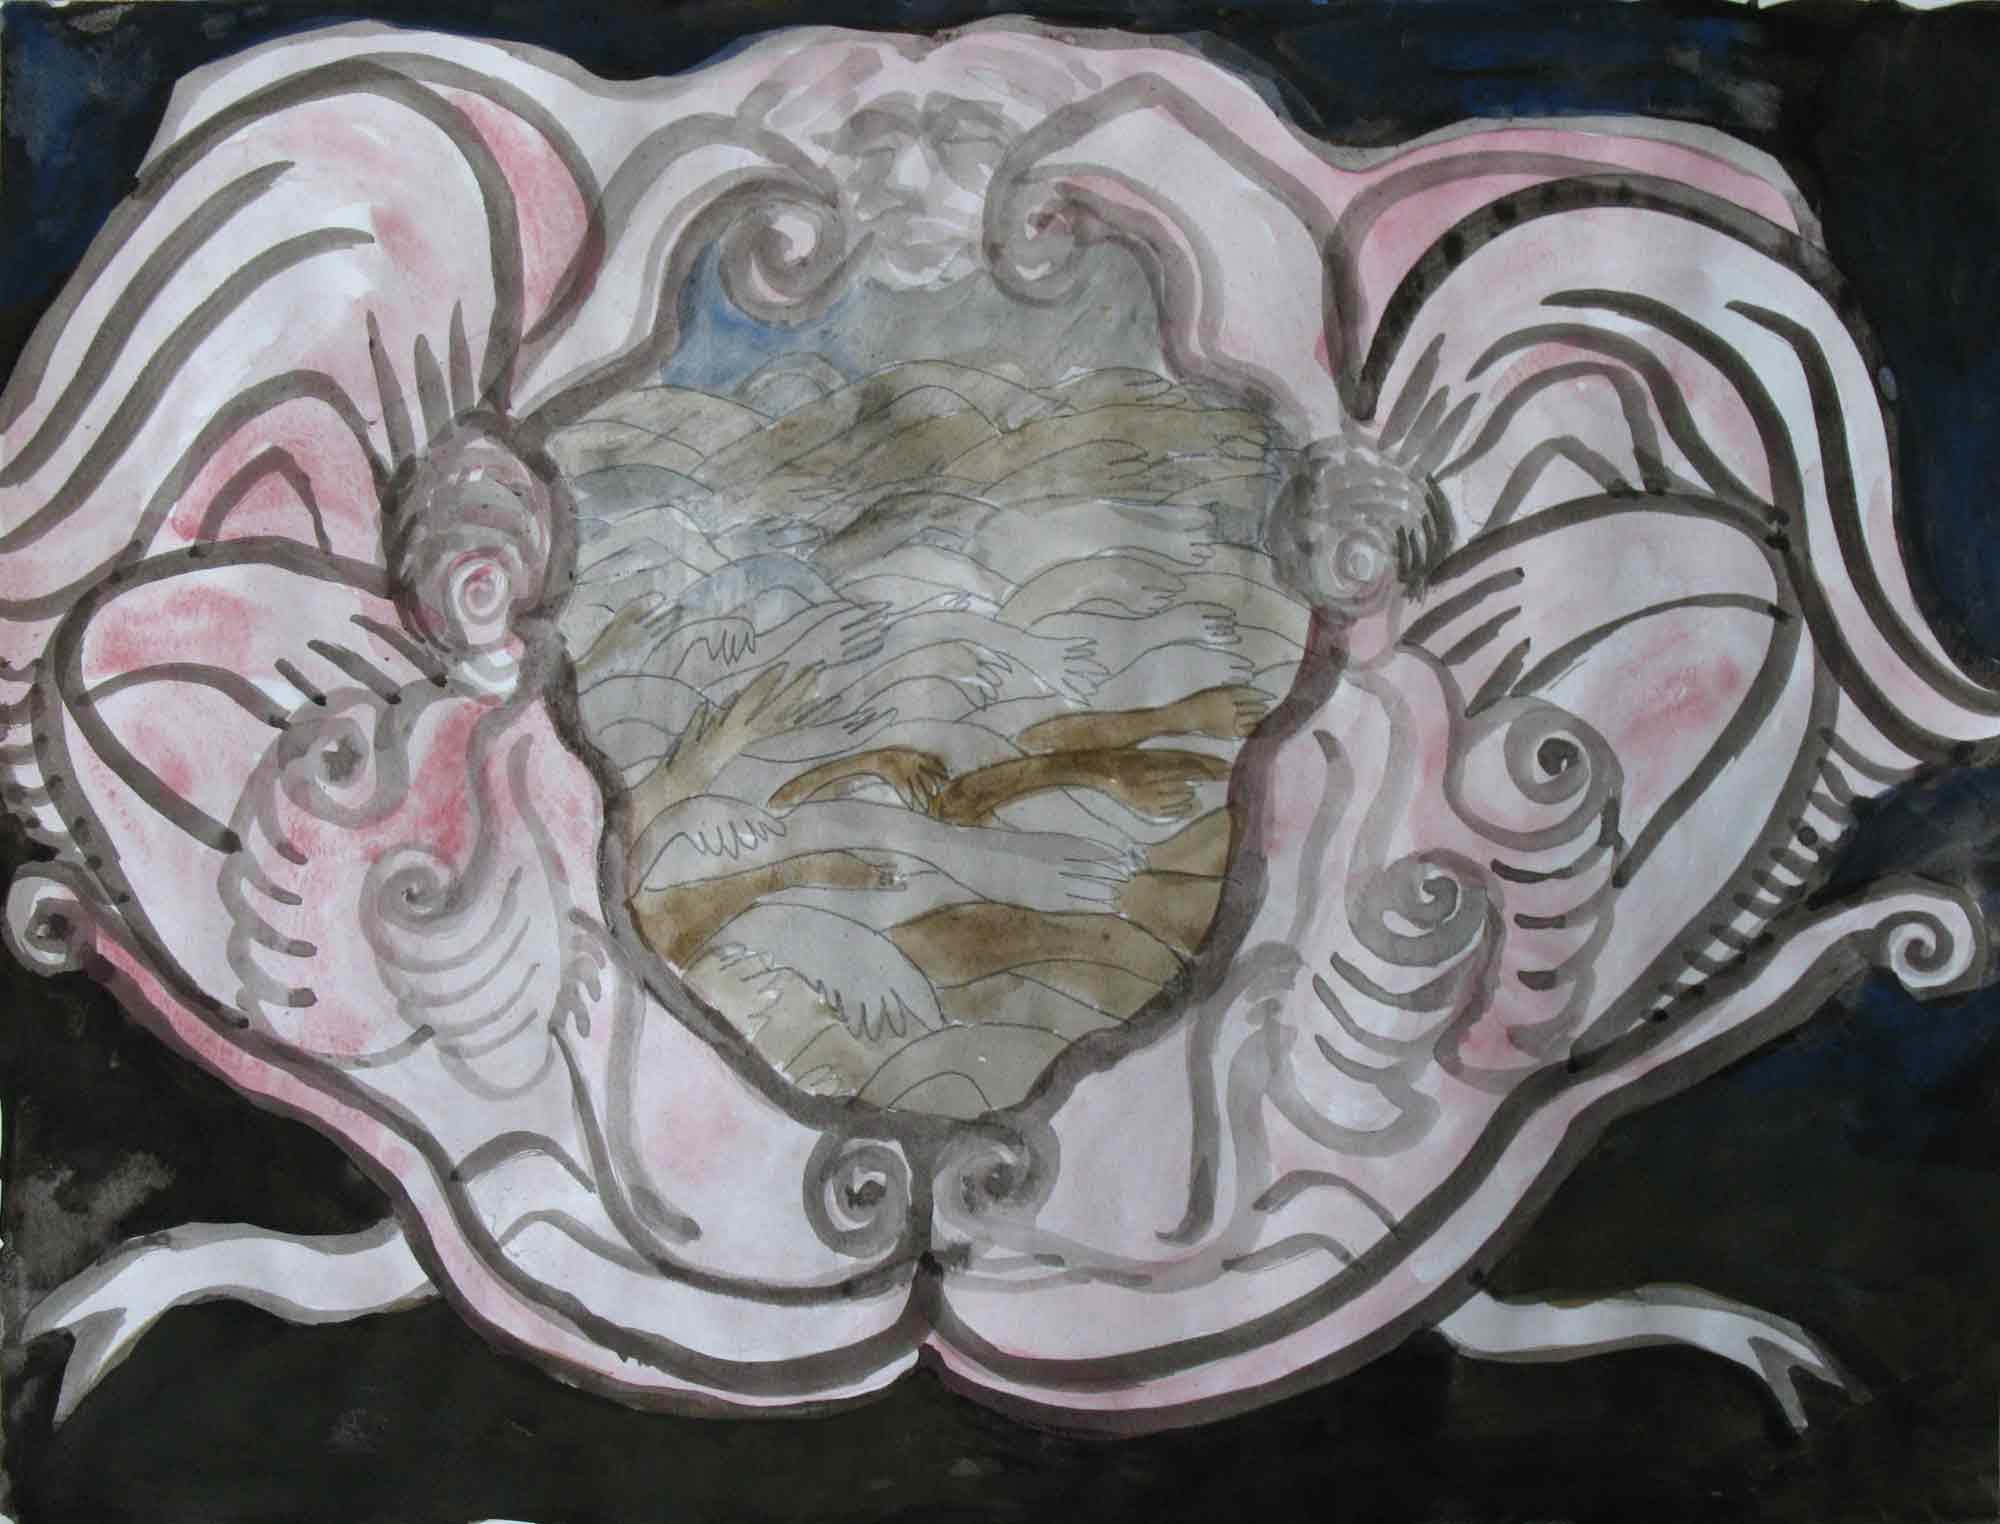 Zeekaak (Sea jaw)  potlood, aquarel, inkt 30 x 39 cm, 2010